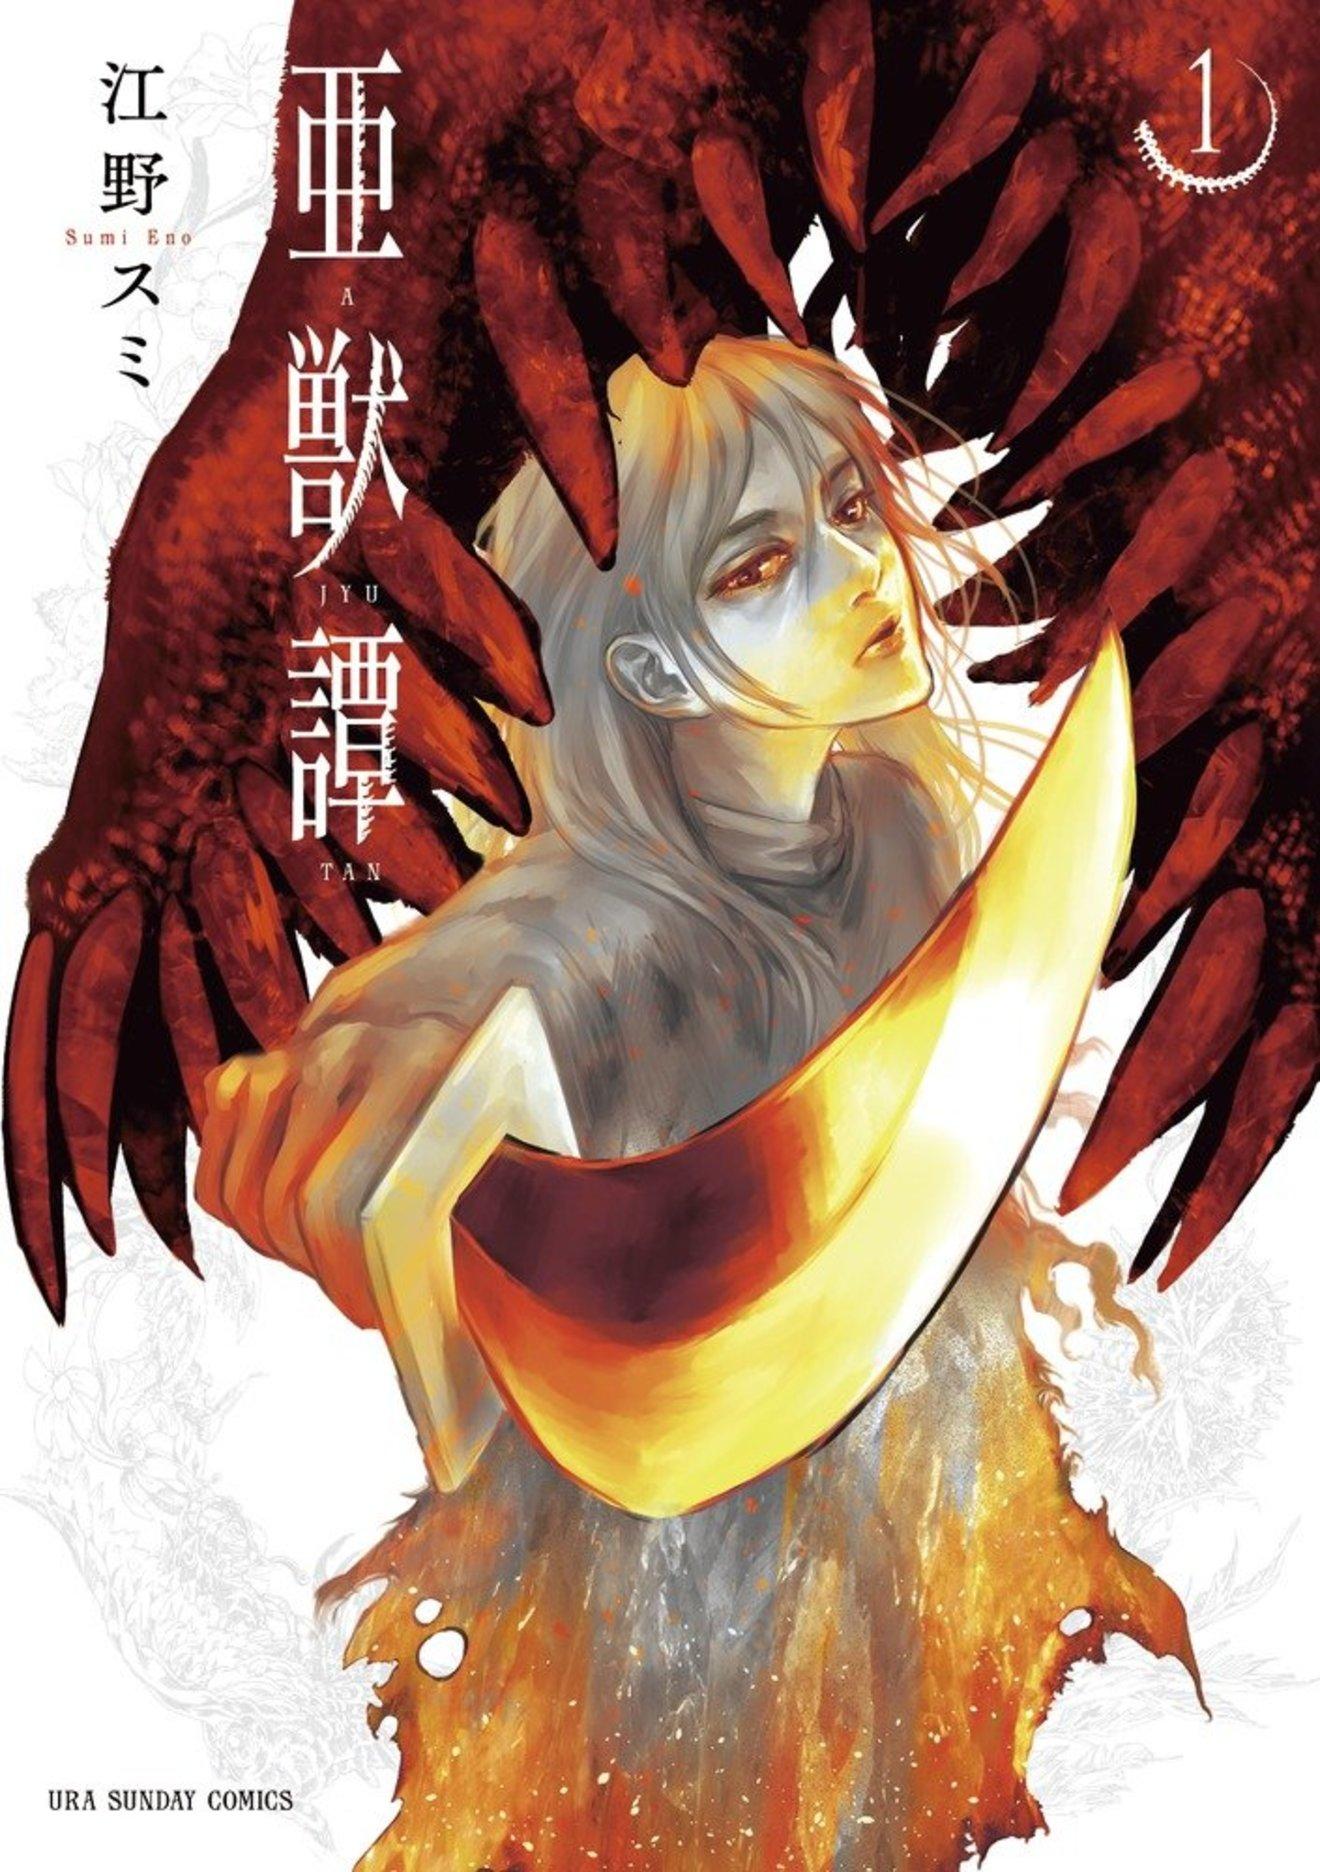 漫画『亜獣譚』が無料!登場人物とストーリーの魅力を4巻までネタバレ紹介!